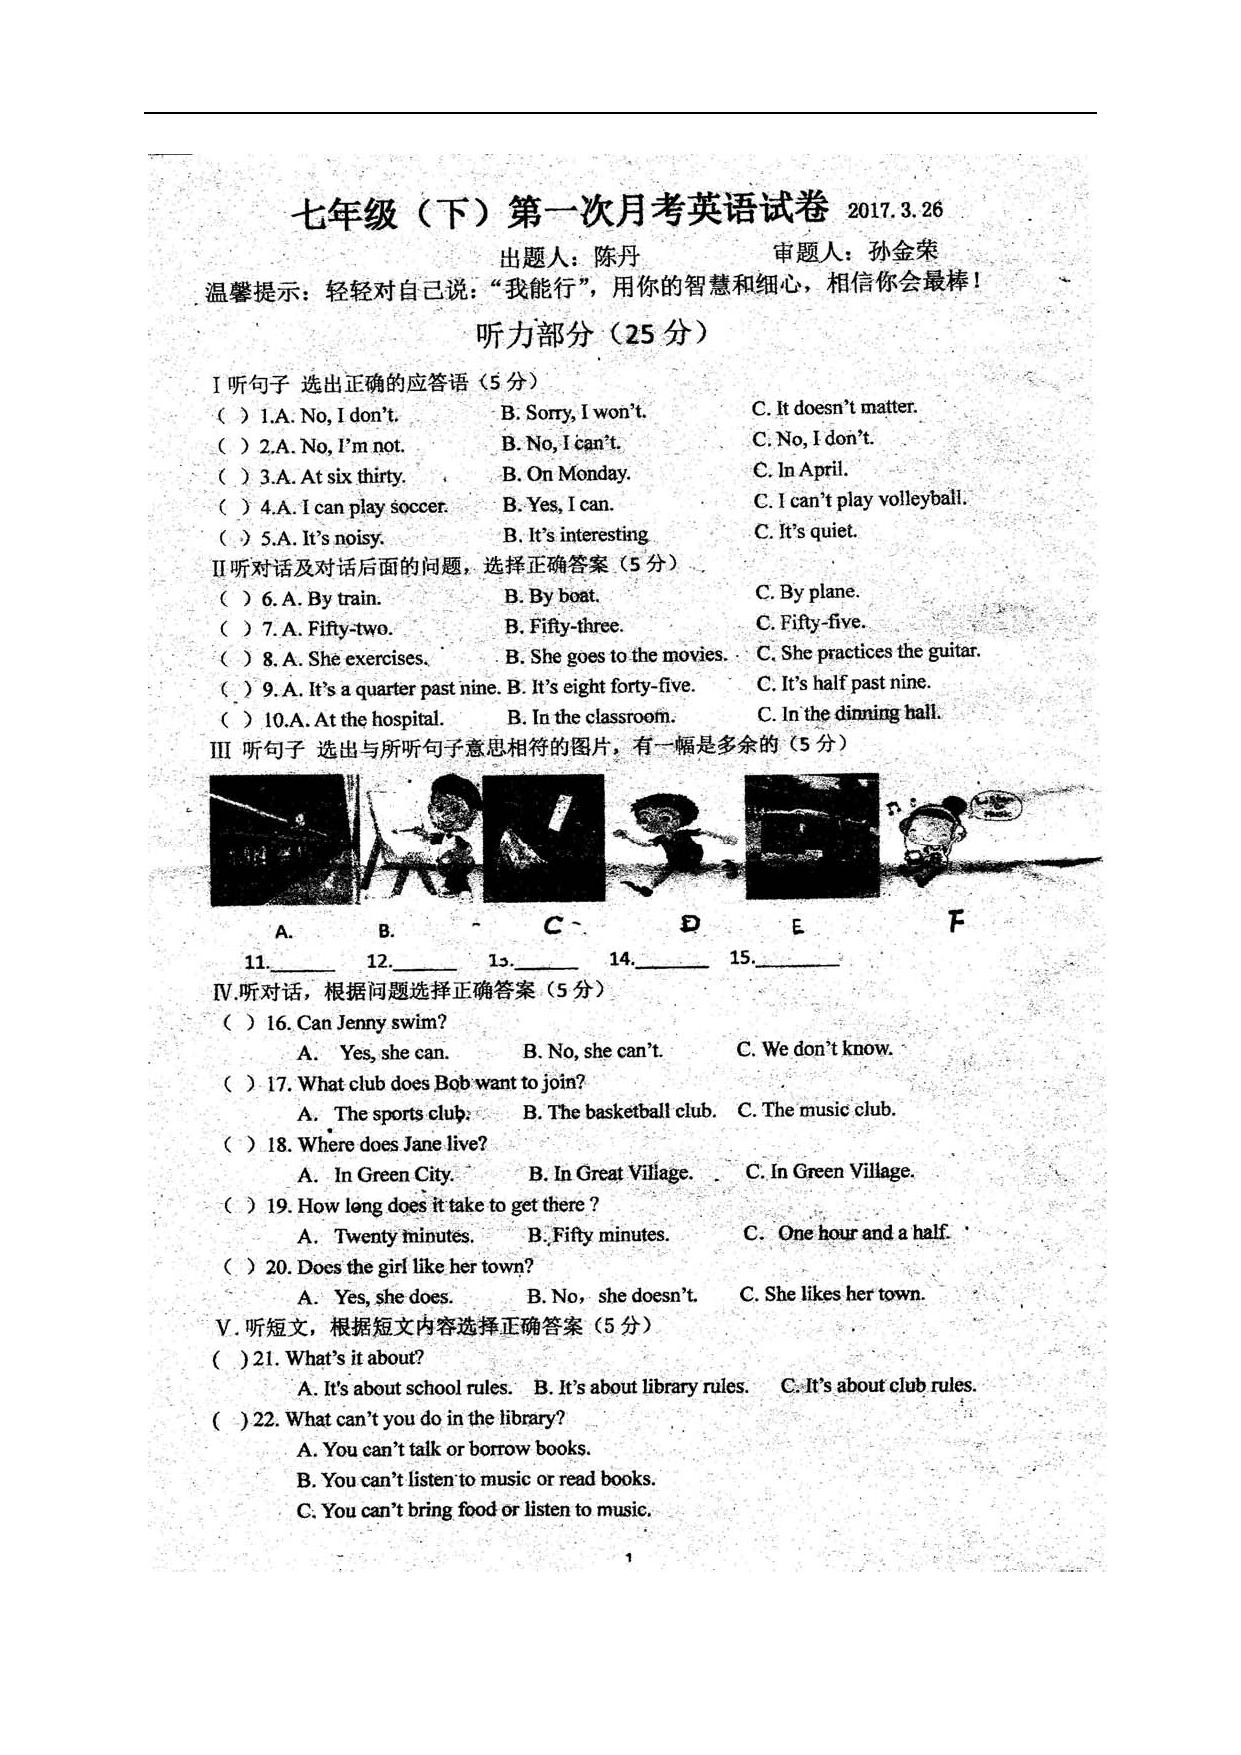 吉林长春农安第一中学2016-2017七年级下第一次月考英语试题(Word版)